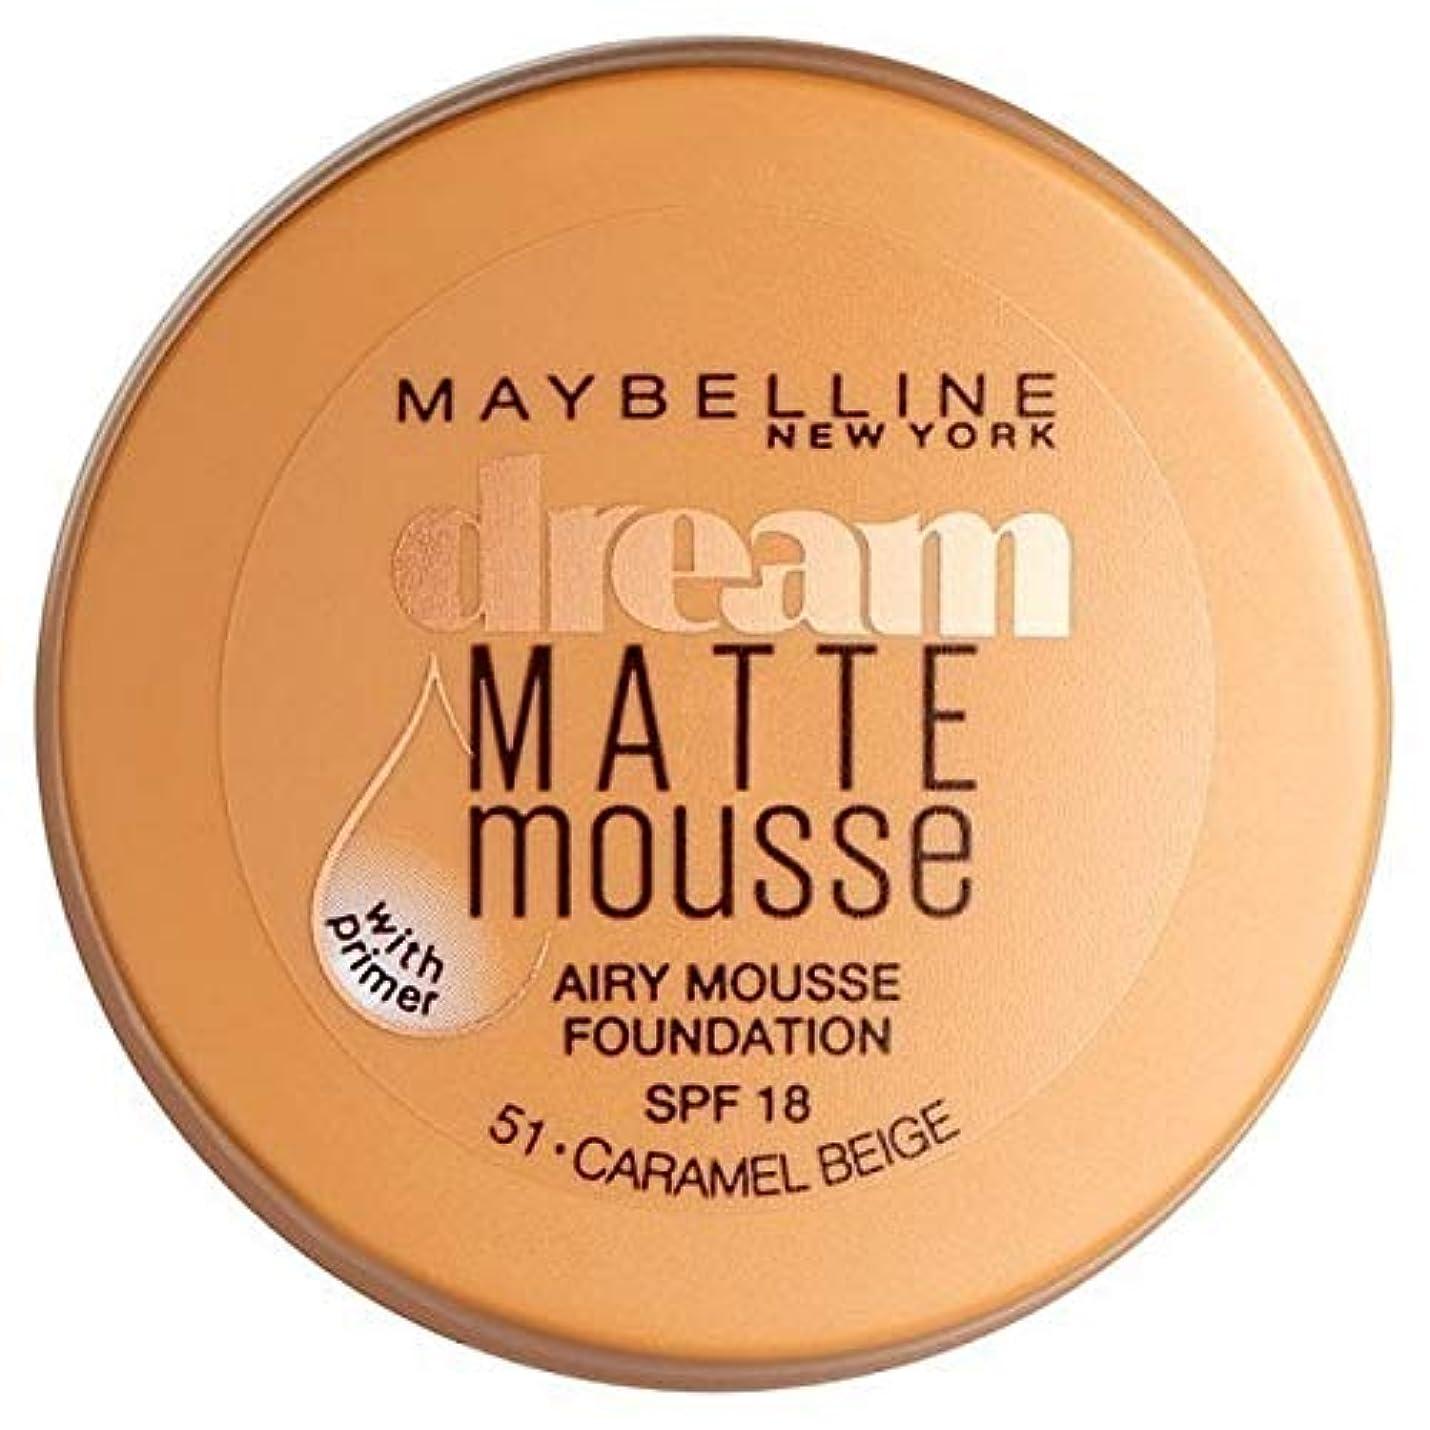 ホイスト軽減請う[Maybelline ] メイベリン夢のマットムース基盤051キャラメルベージュ - Maybelline Dream Matte Mousse Foundation 051 Caramel Beige [並行輸入品]